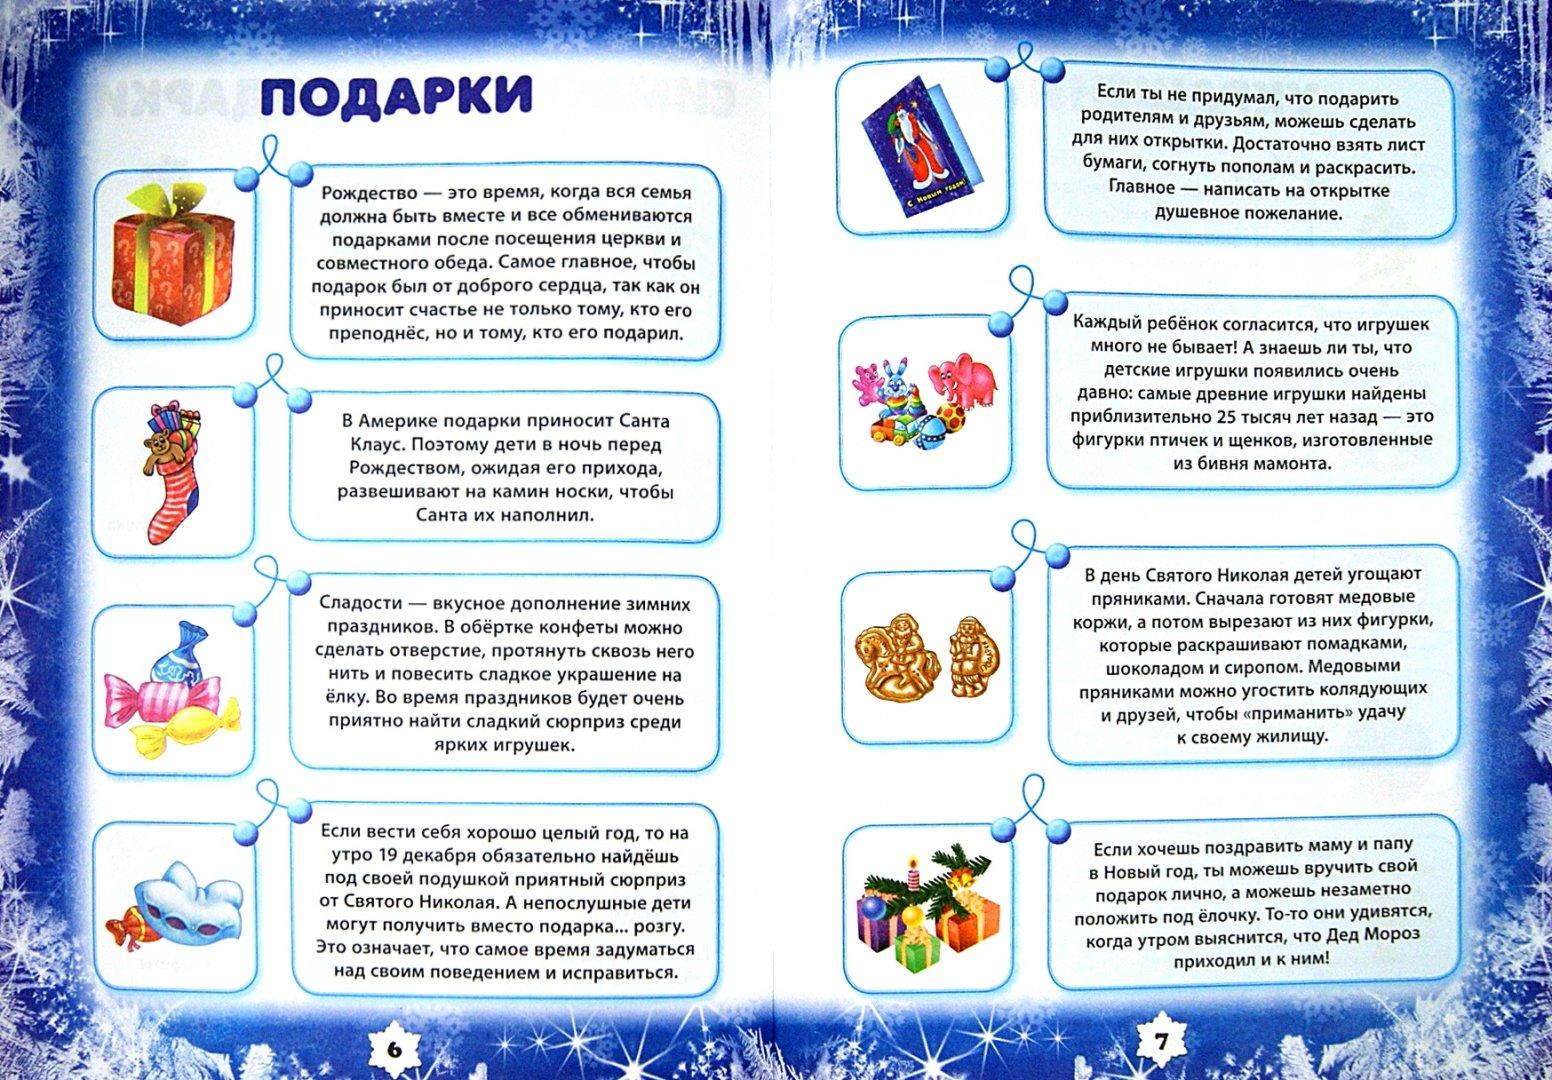 Иллюстрация 1 из 29 для Подарок к Новому году - Зиновьева, Тройченко   Лабиринт - книги. Источник: Лабиринт